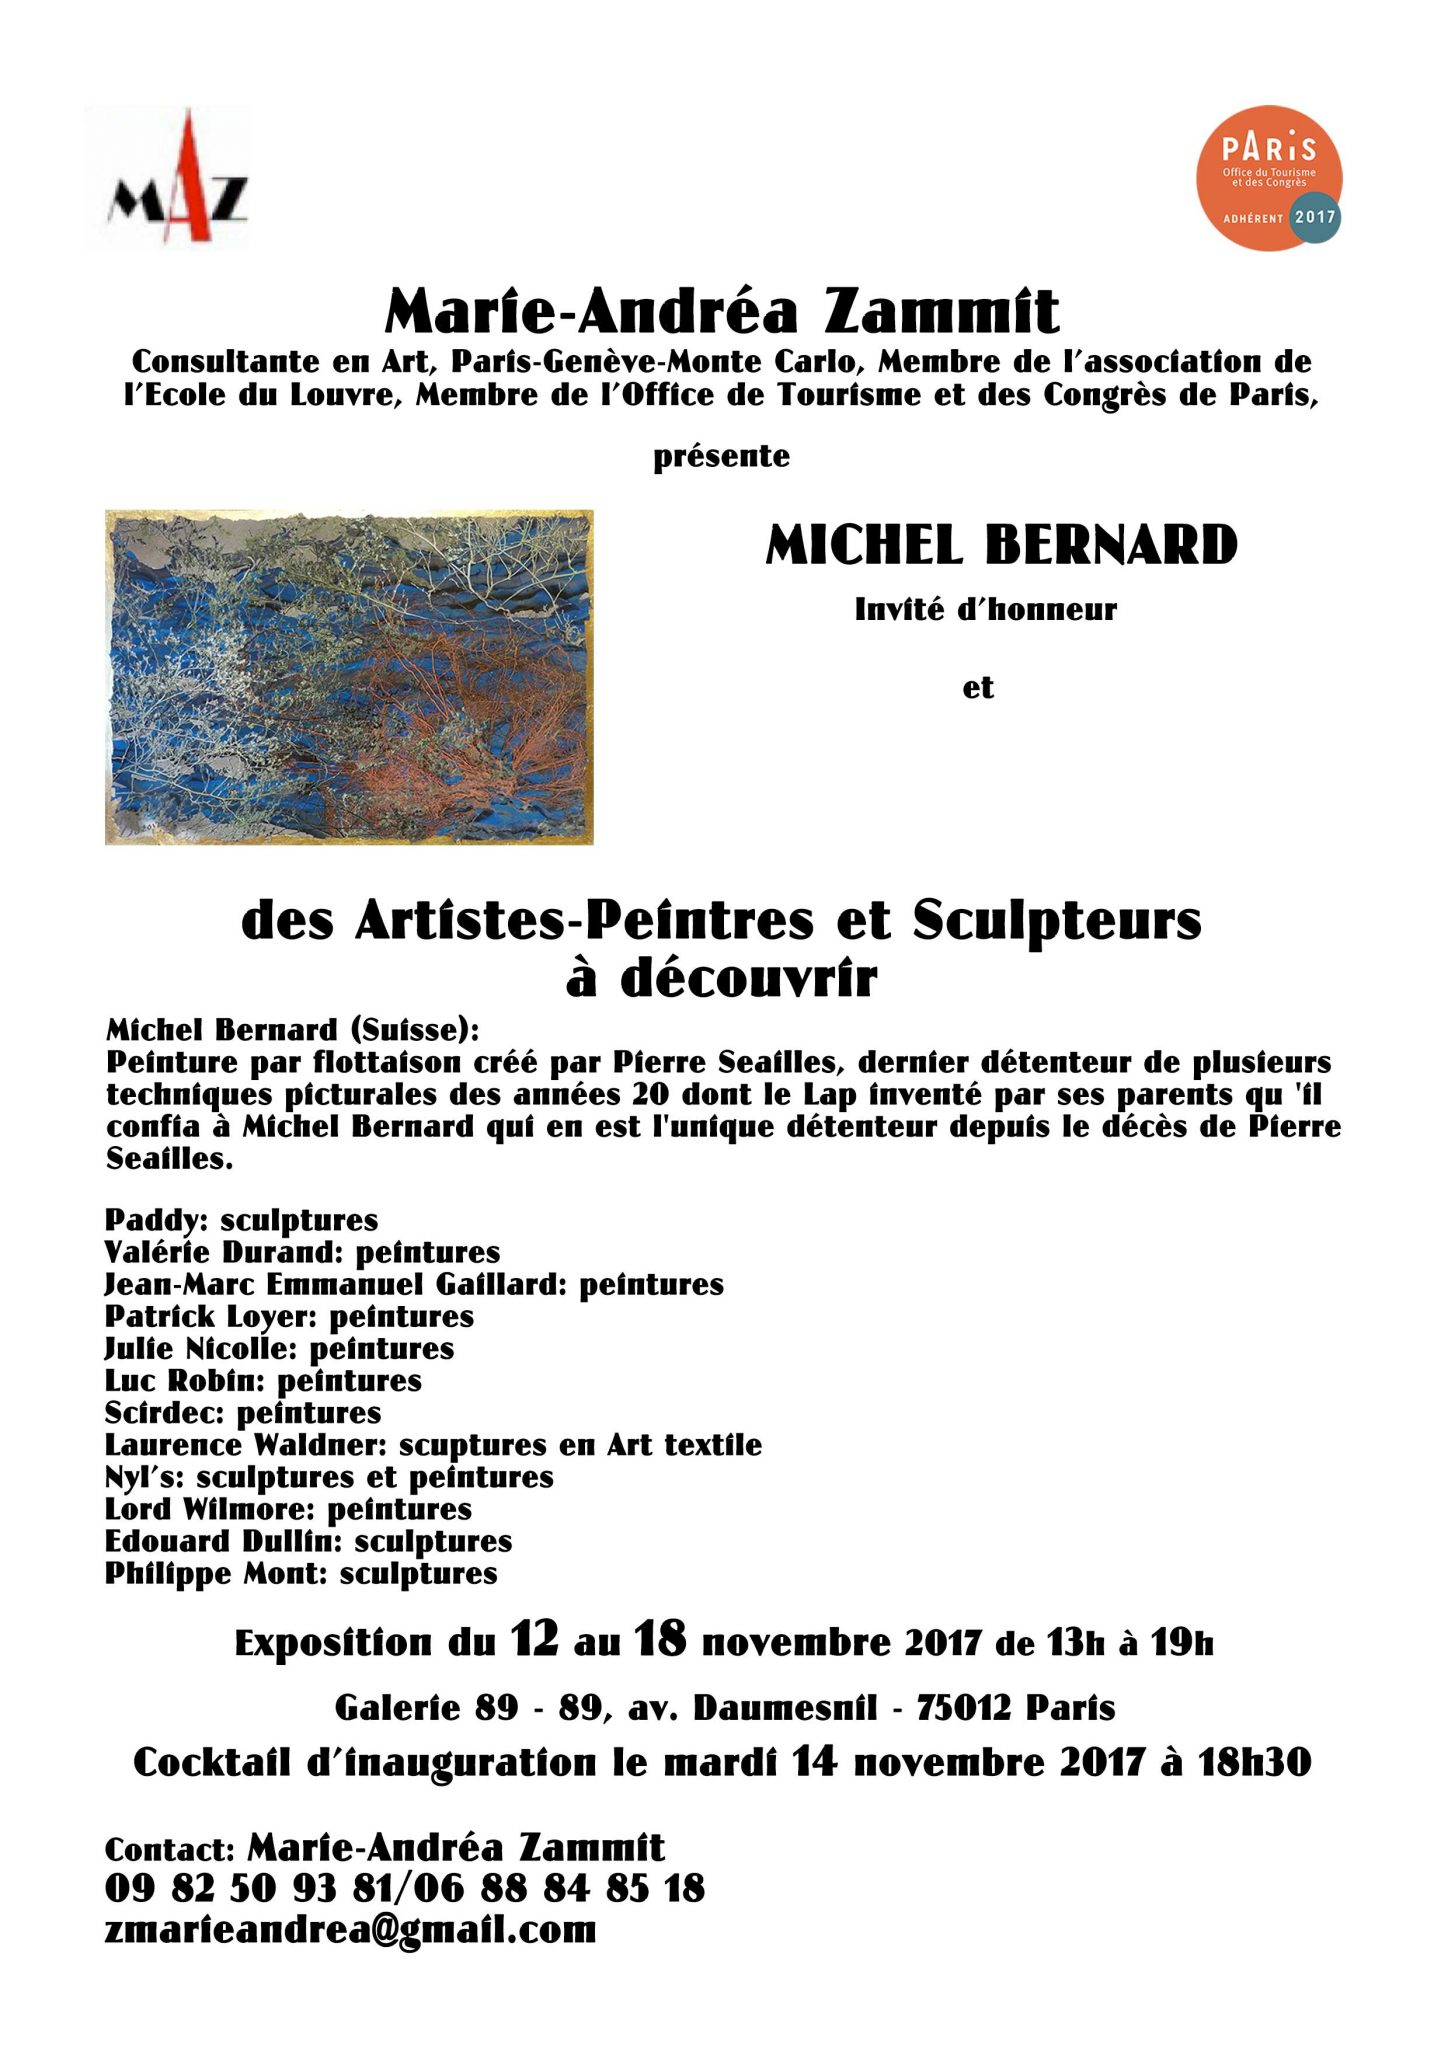 Affiche-MAZ-expo-galerie89-paris